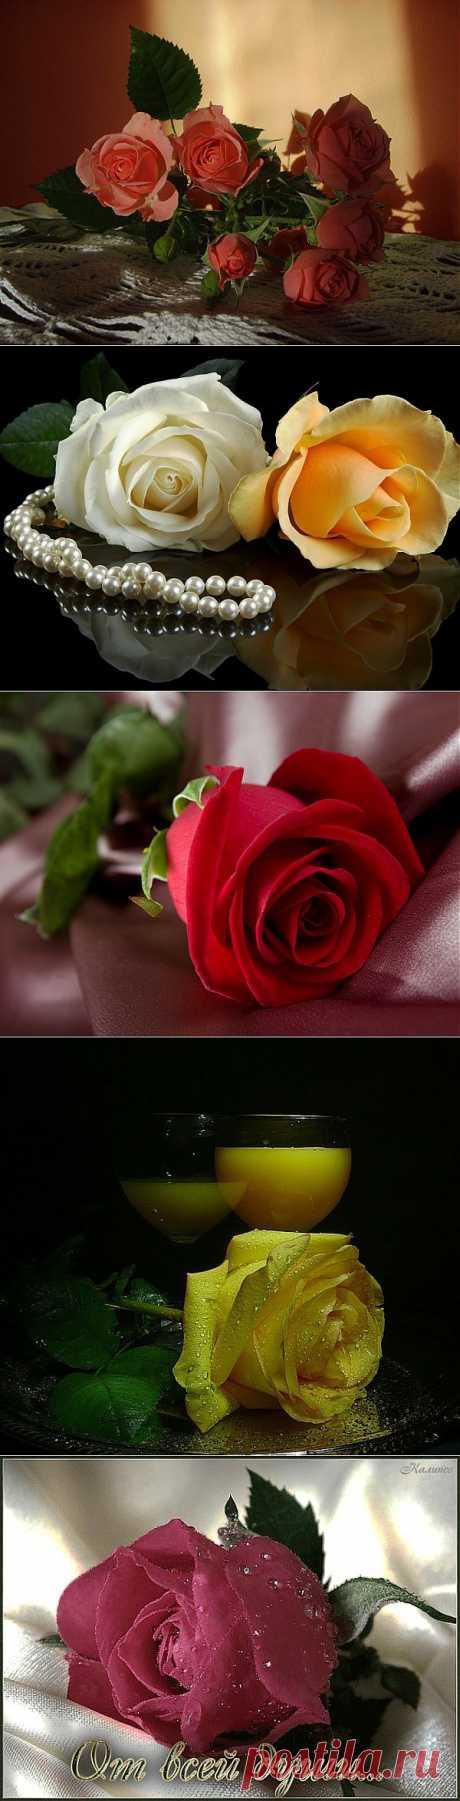 Омар Хайям о розе.